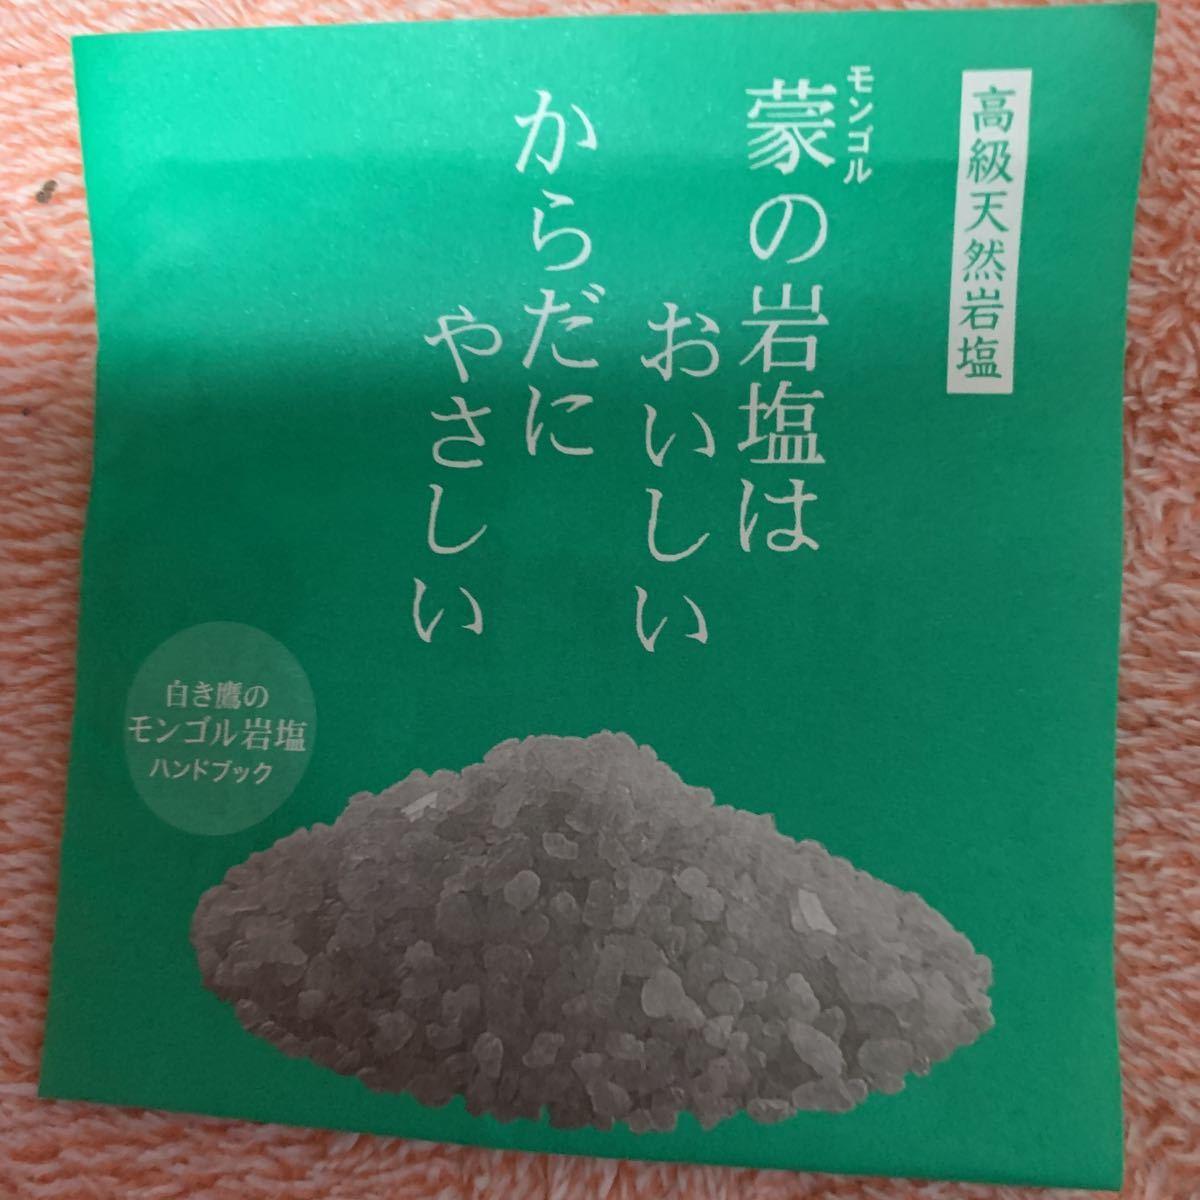 モンゴルの岩塩_画像2